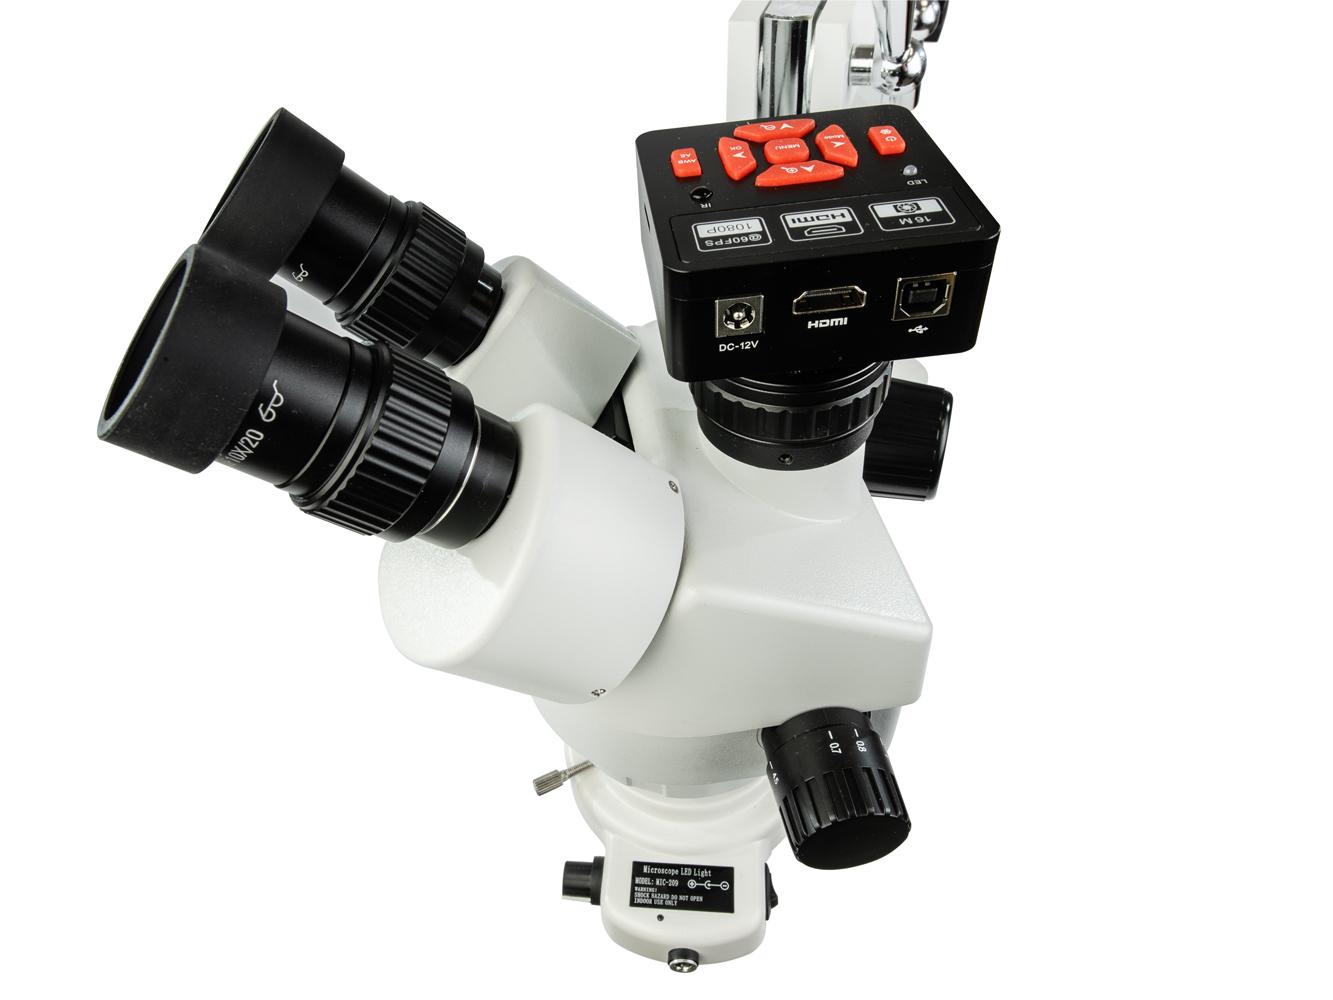 Profesionálny trinokulárny 16Mpix mikroskop s HDMI